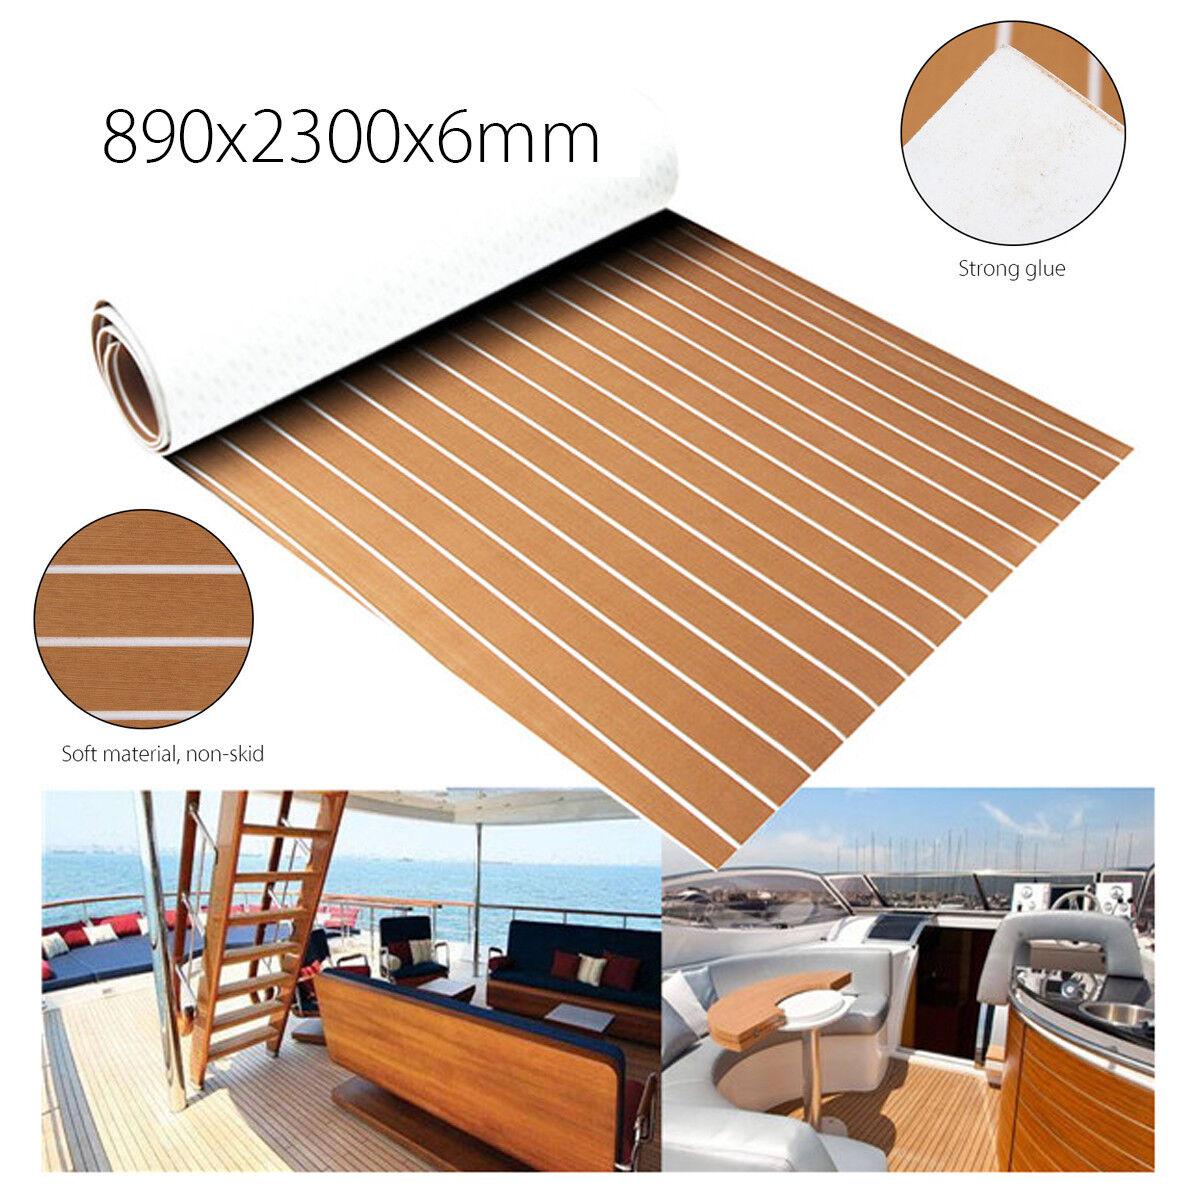 890x2300x6mm EVA Bodenbelag Fußboden Teak Selbstklebend Matte für Yacht Stiefel